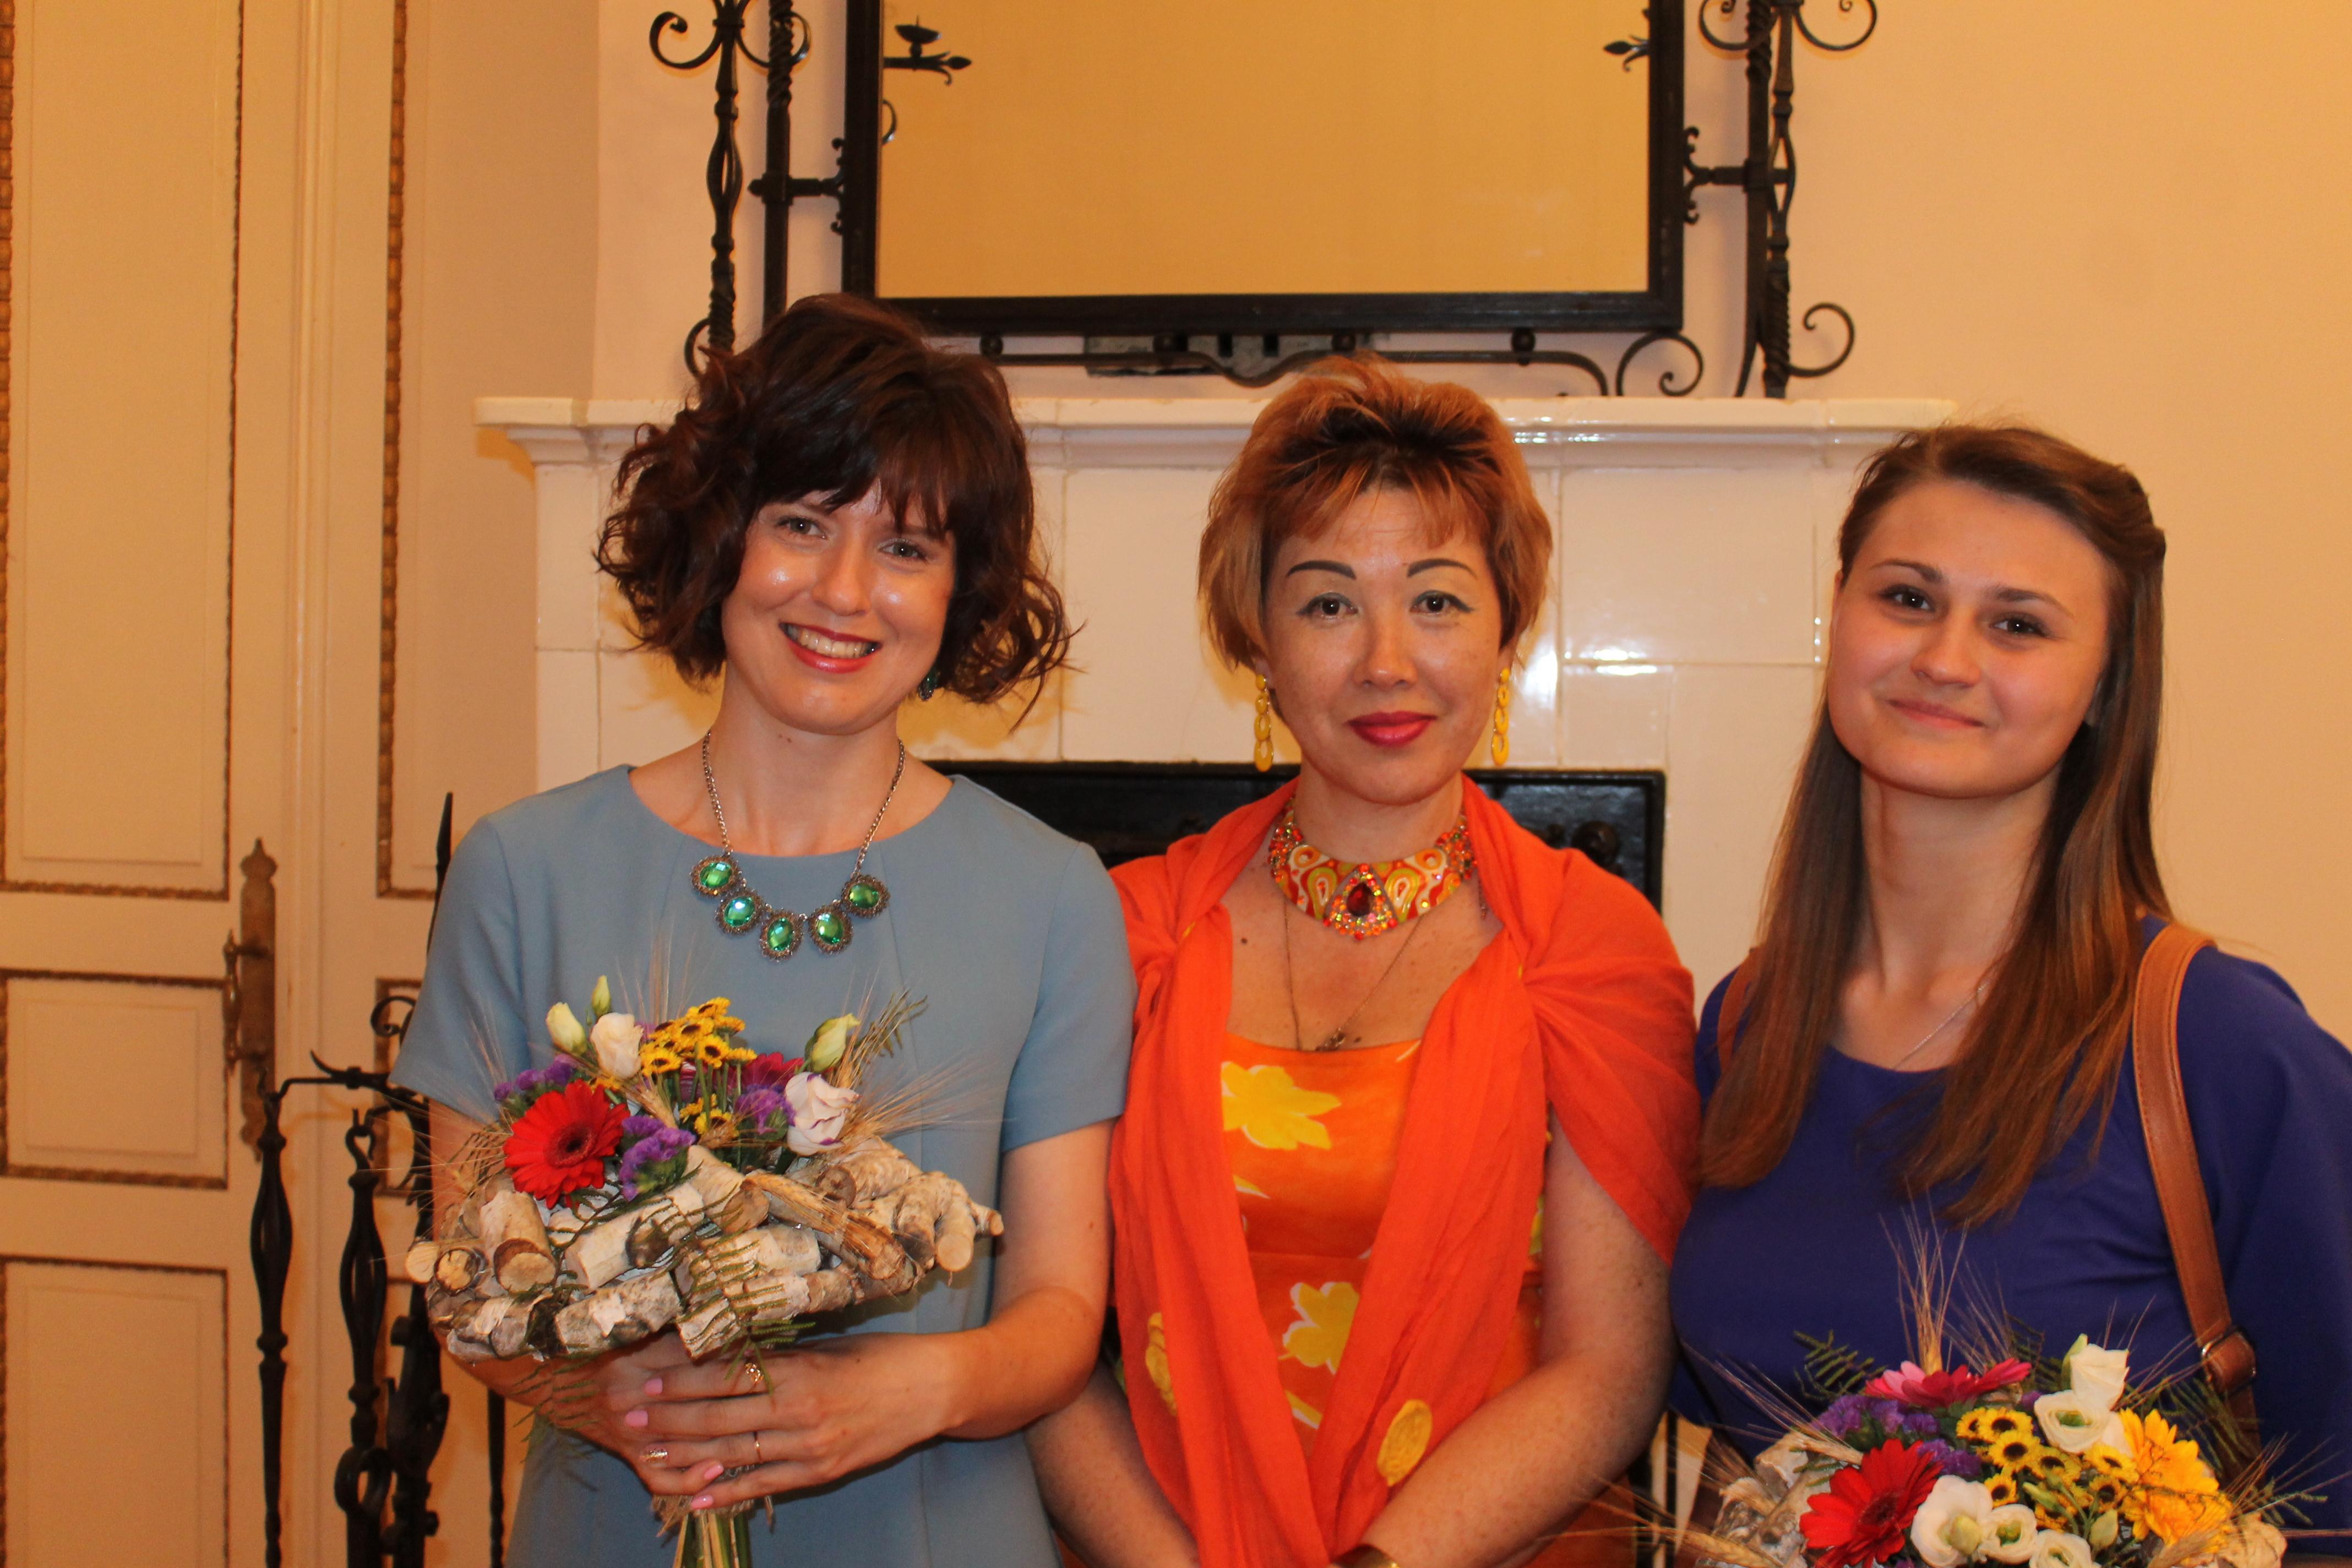 Диана Кан со своими ученицами новоиспечёнными лауреатами Ириной Лавриной и Витой Куделиной